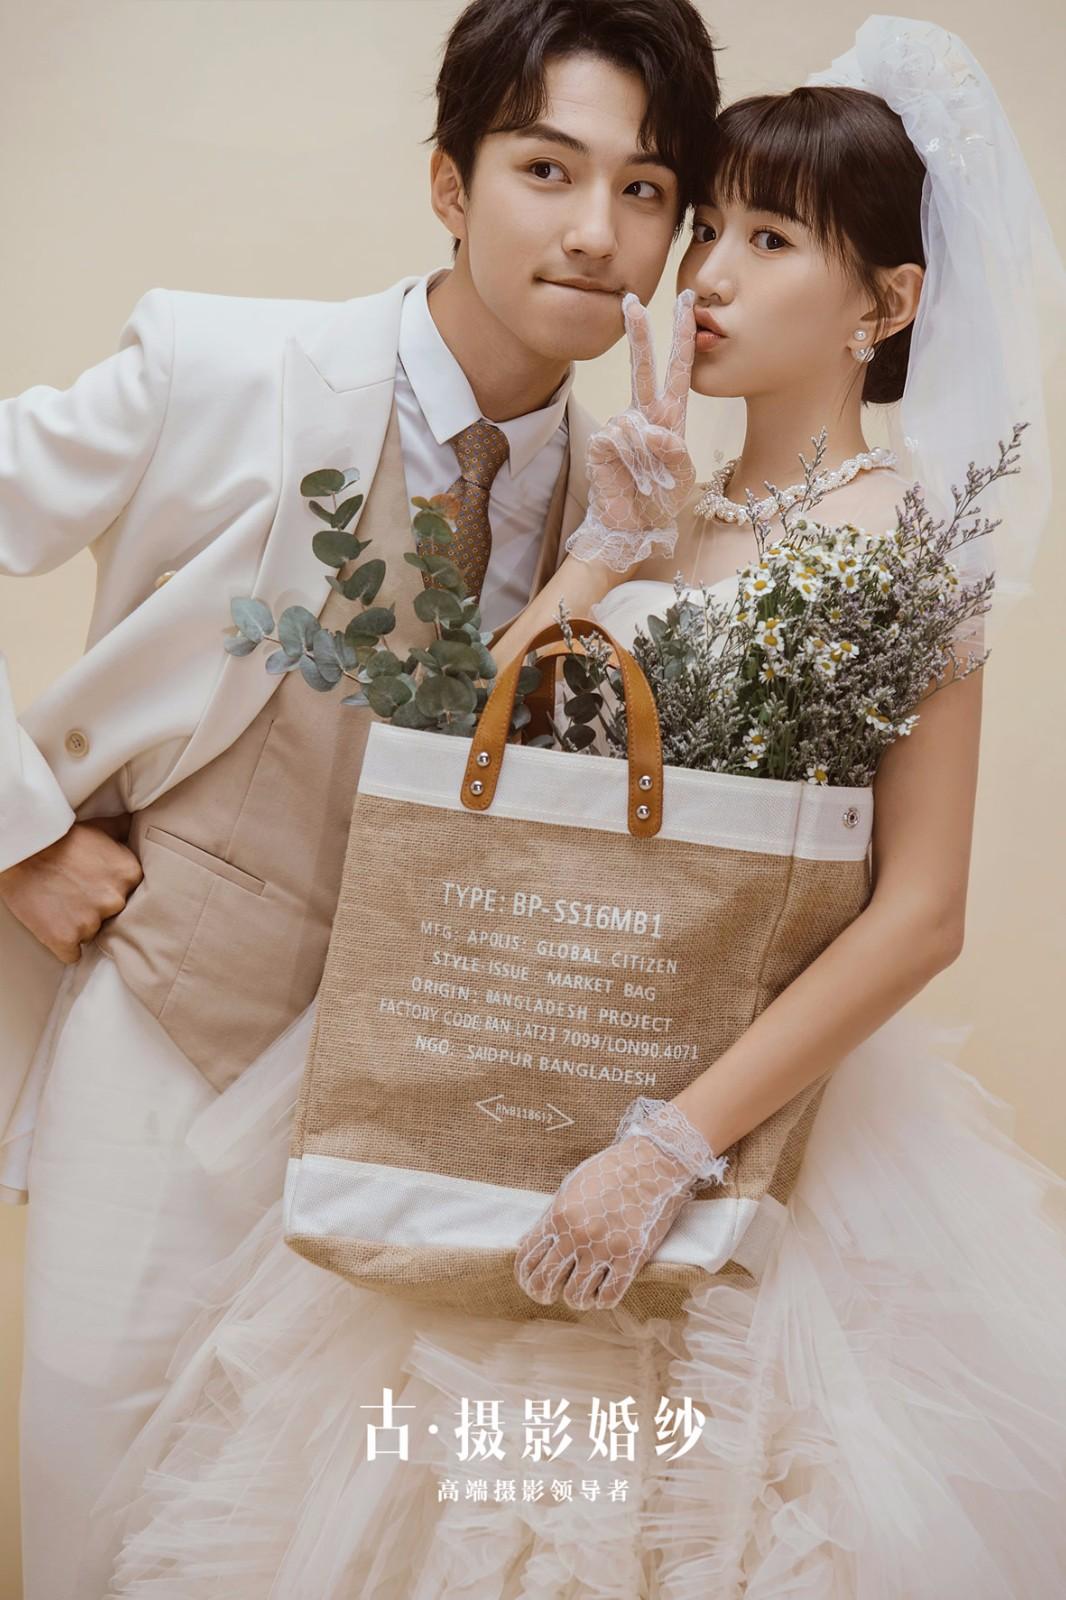 脸红的思春期 - 明星范 - 古摄影婚纱艺术-古摄影成都婚纱摄影艺术摄影网